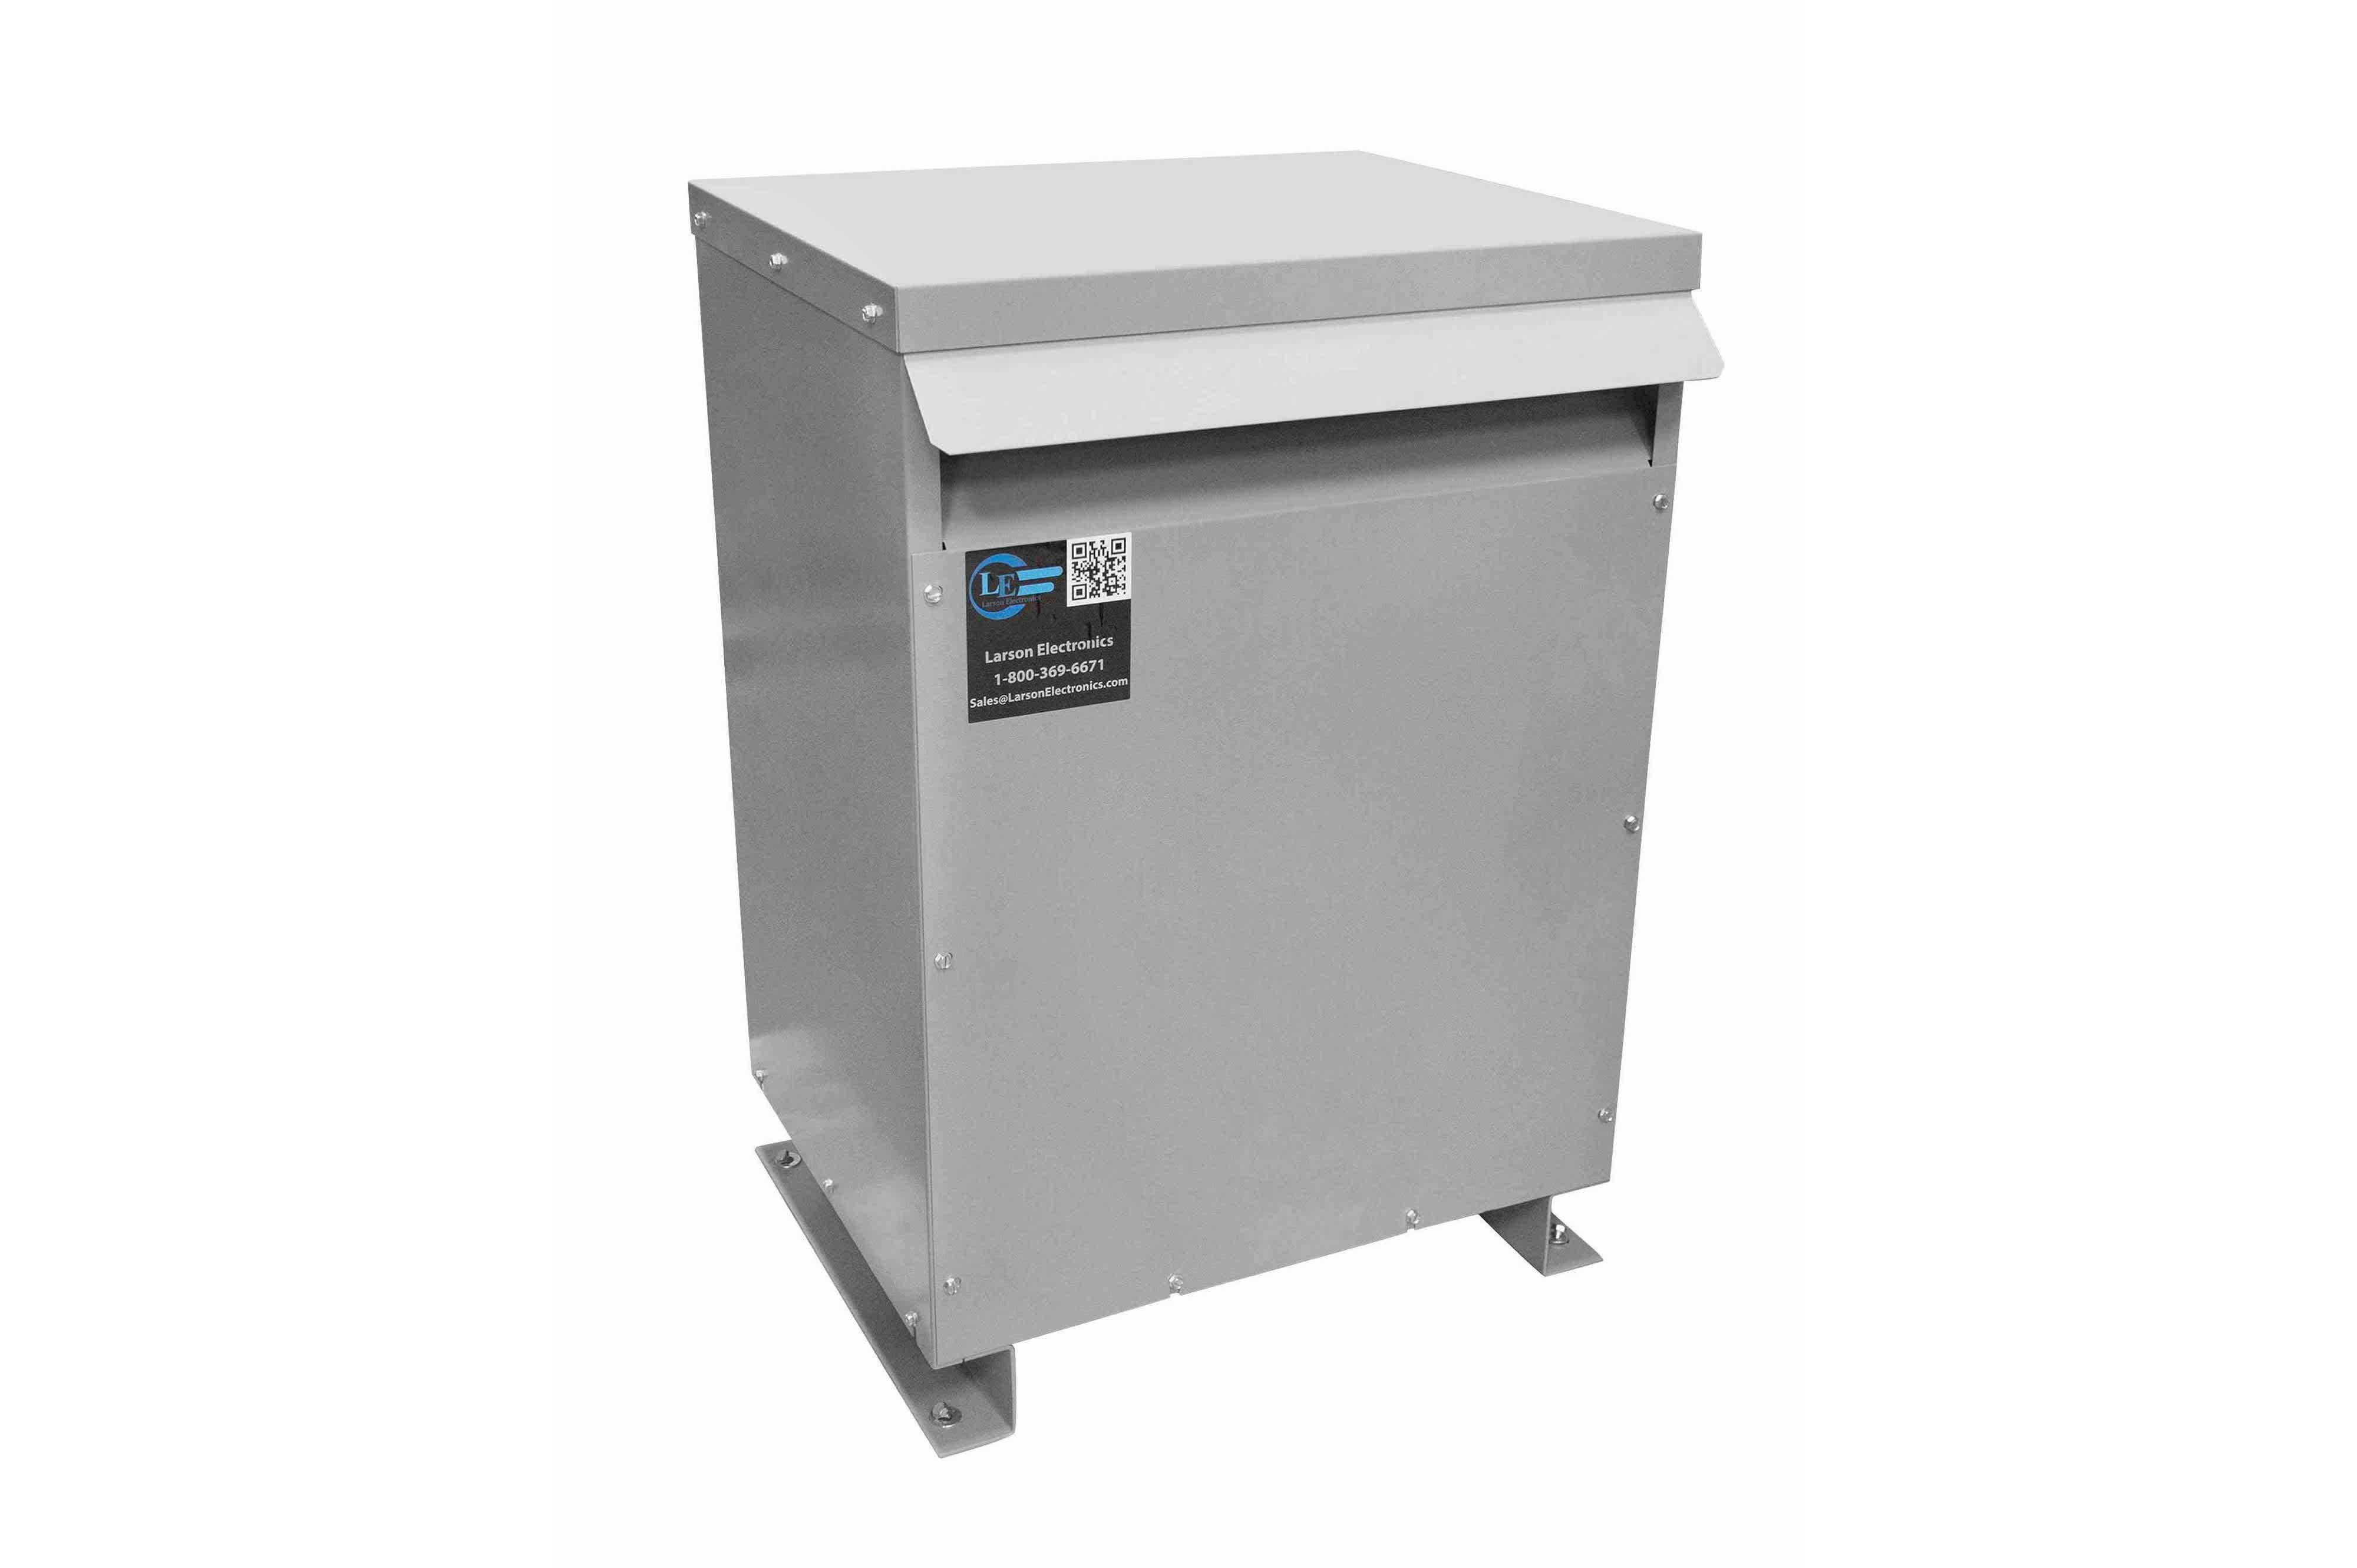 137.5 kVA 3PH Isolation Transformer, 600V Delta Primary, 380V Delta Secondary, N3R, Ventilated, 60 Hz